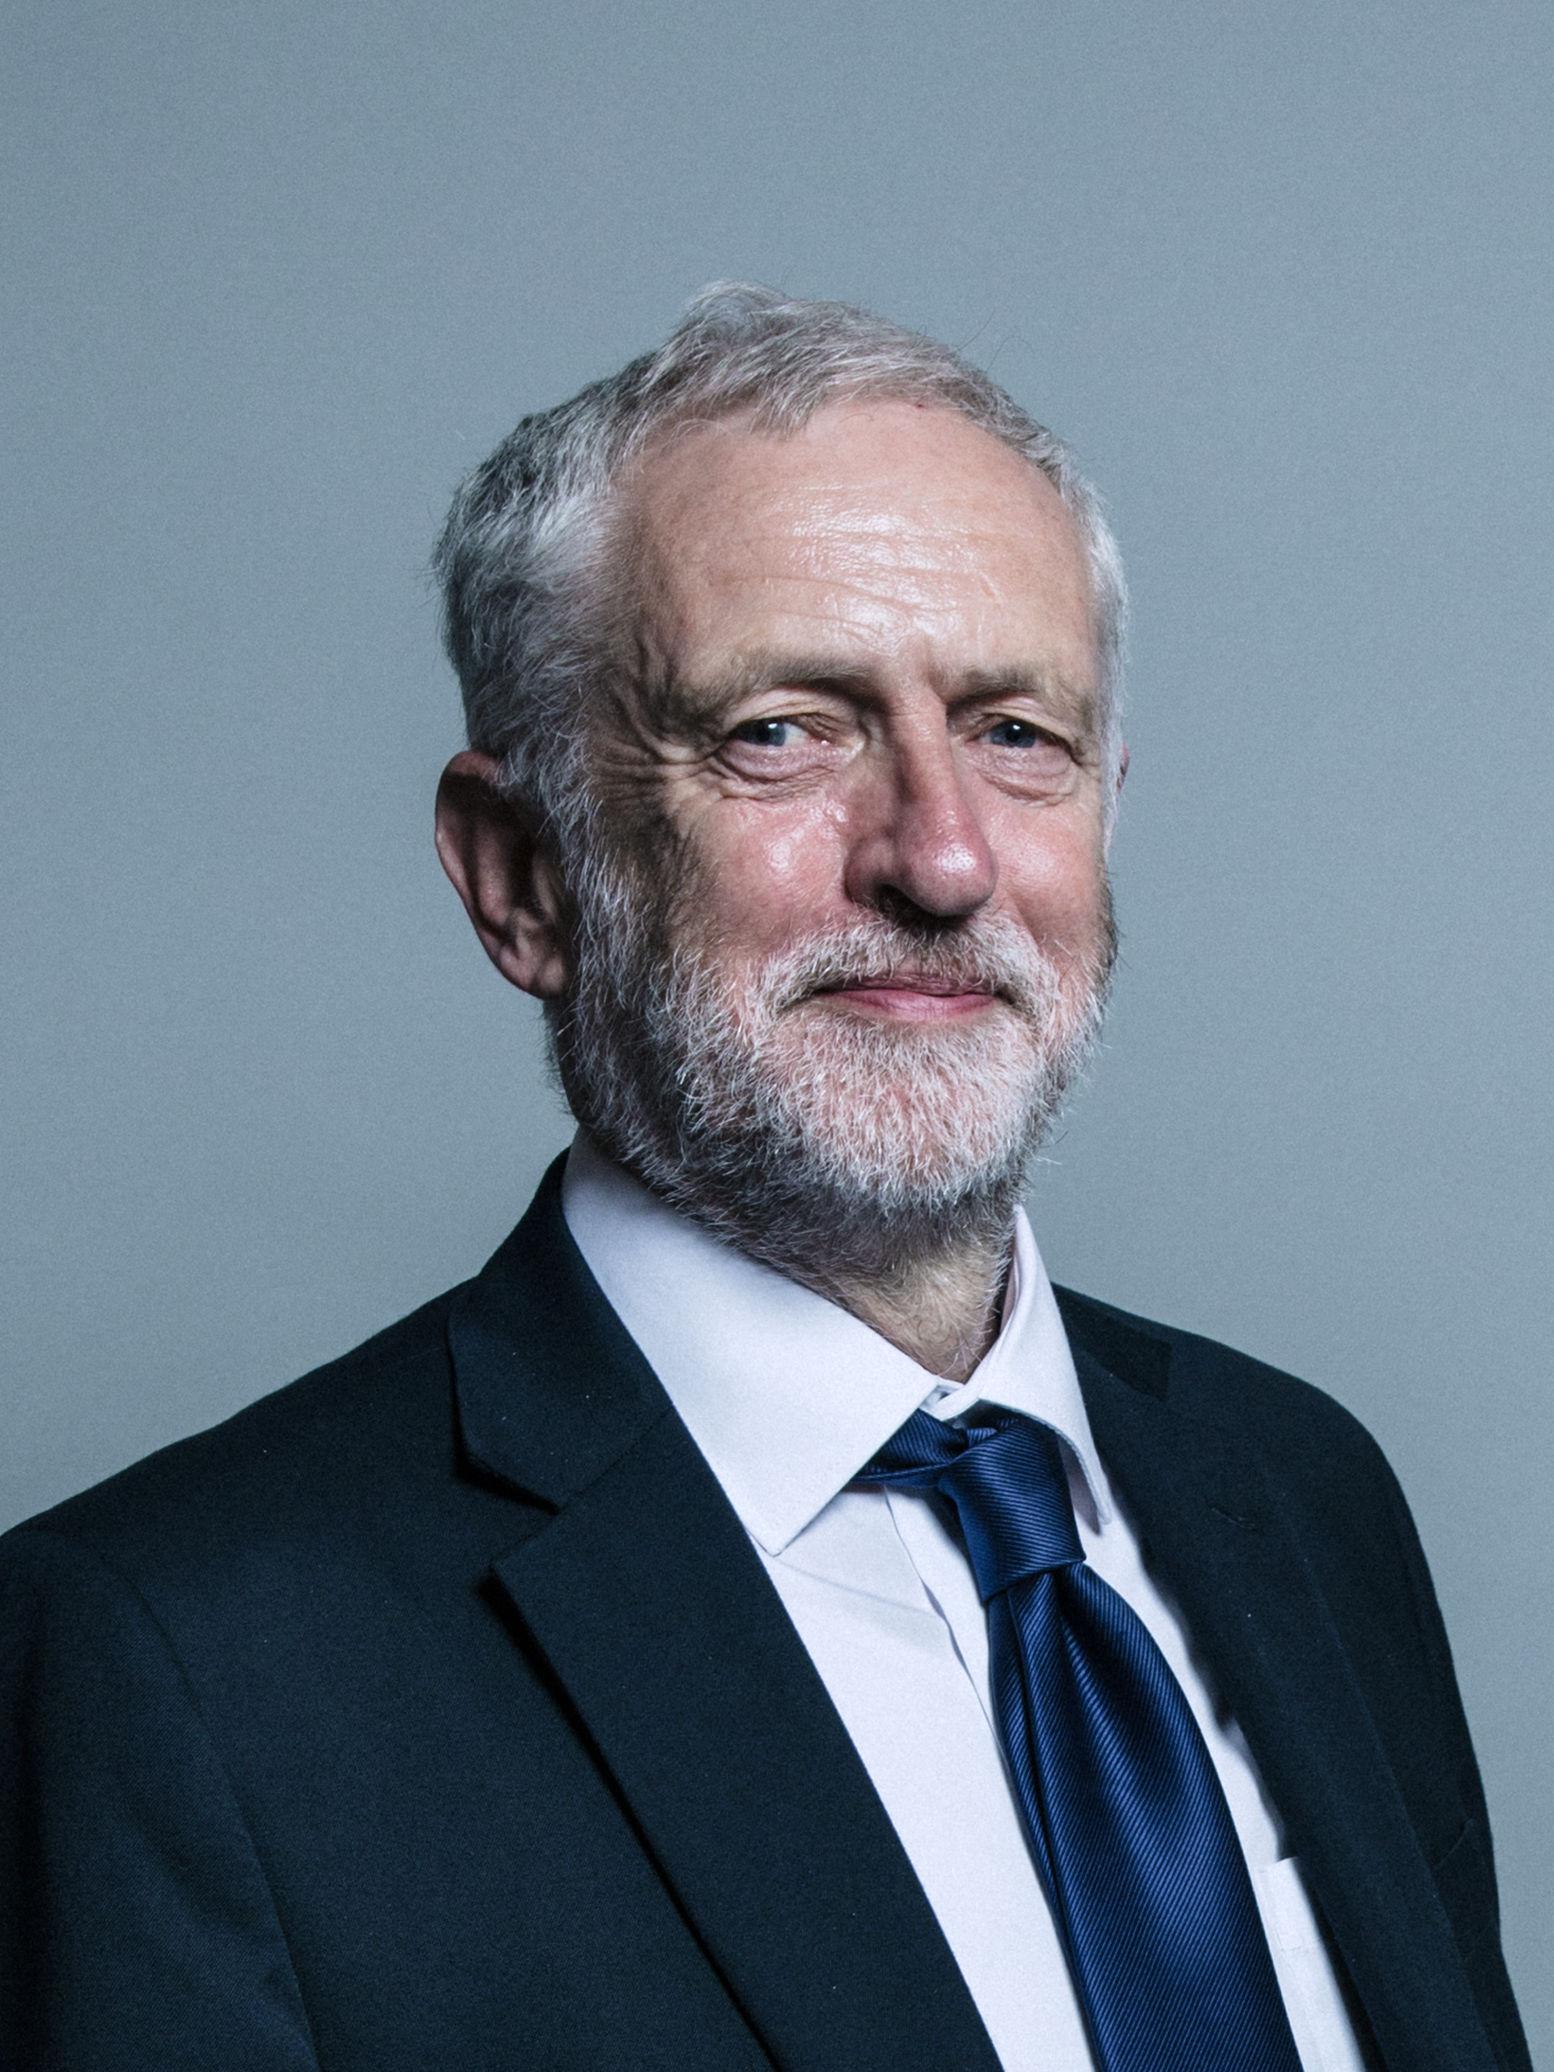 Veja o que saiu no Migalhas sobre Jeremy Corbyn